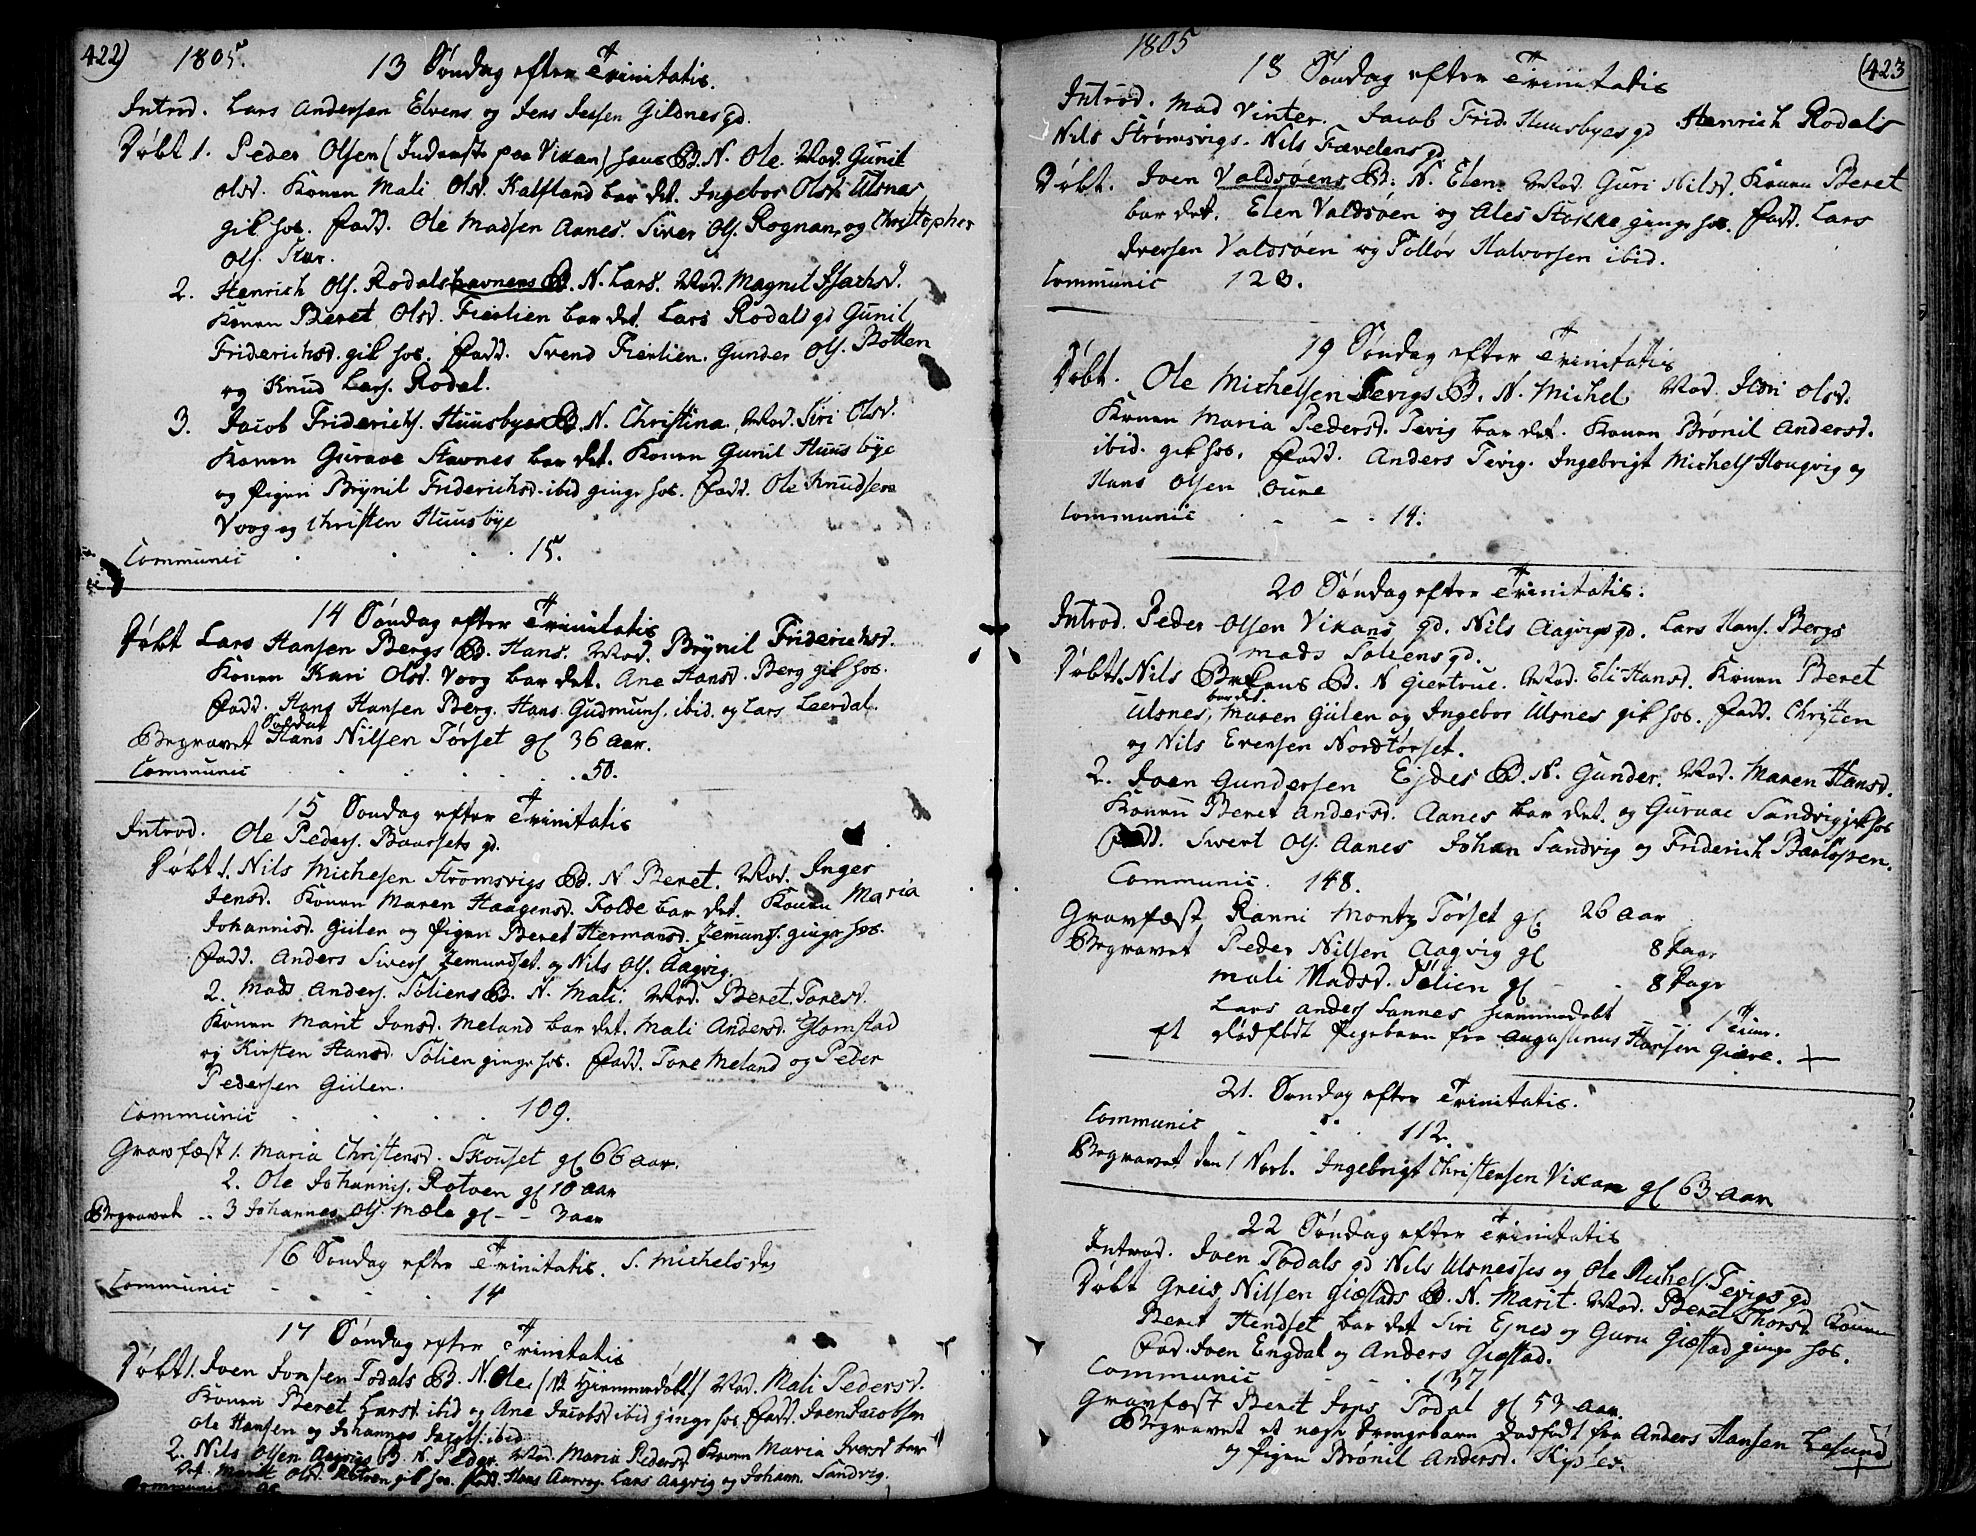 SAT, Ministerialprotokoller, klokkerbøker og fødselsregistre - Møre og Romsdal, 578/L0902: Ministerialbok nr. 578A01, 1772-1819, s. 422-423